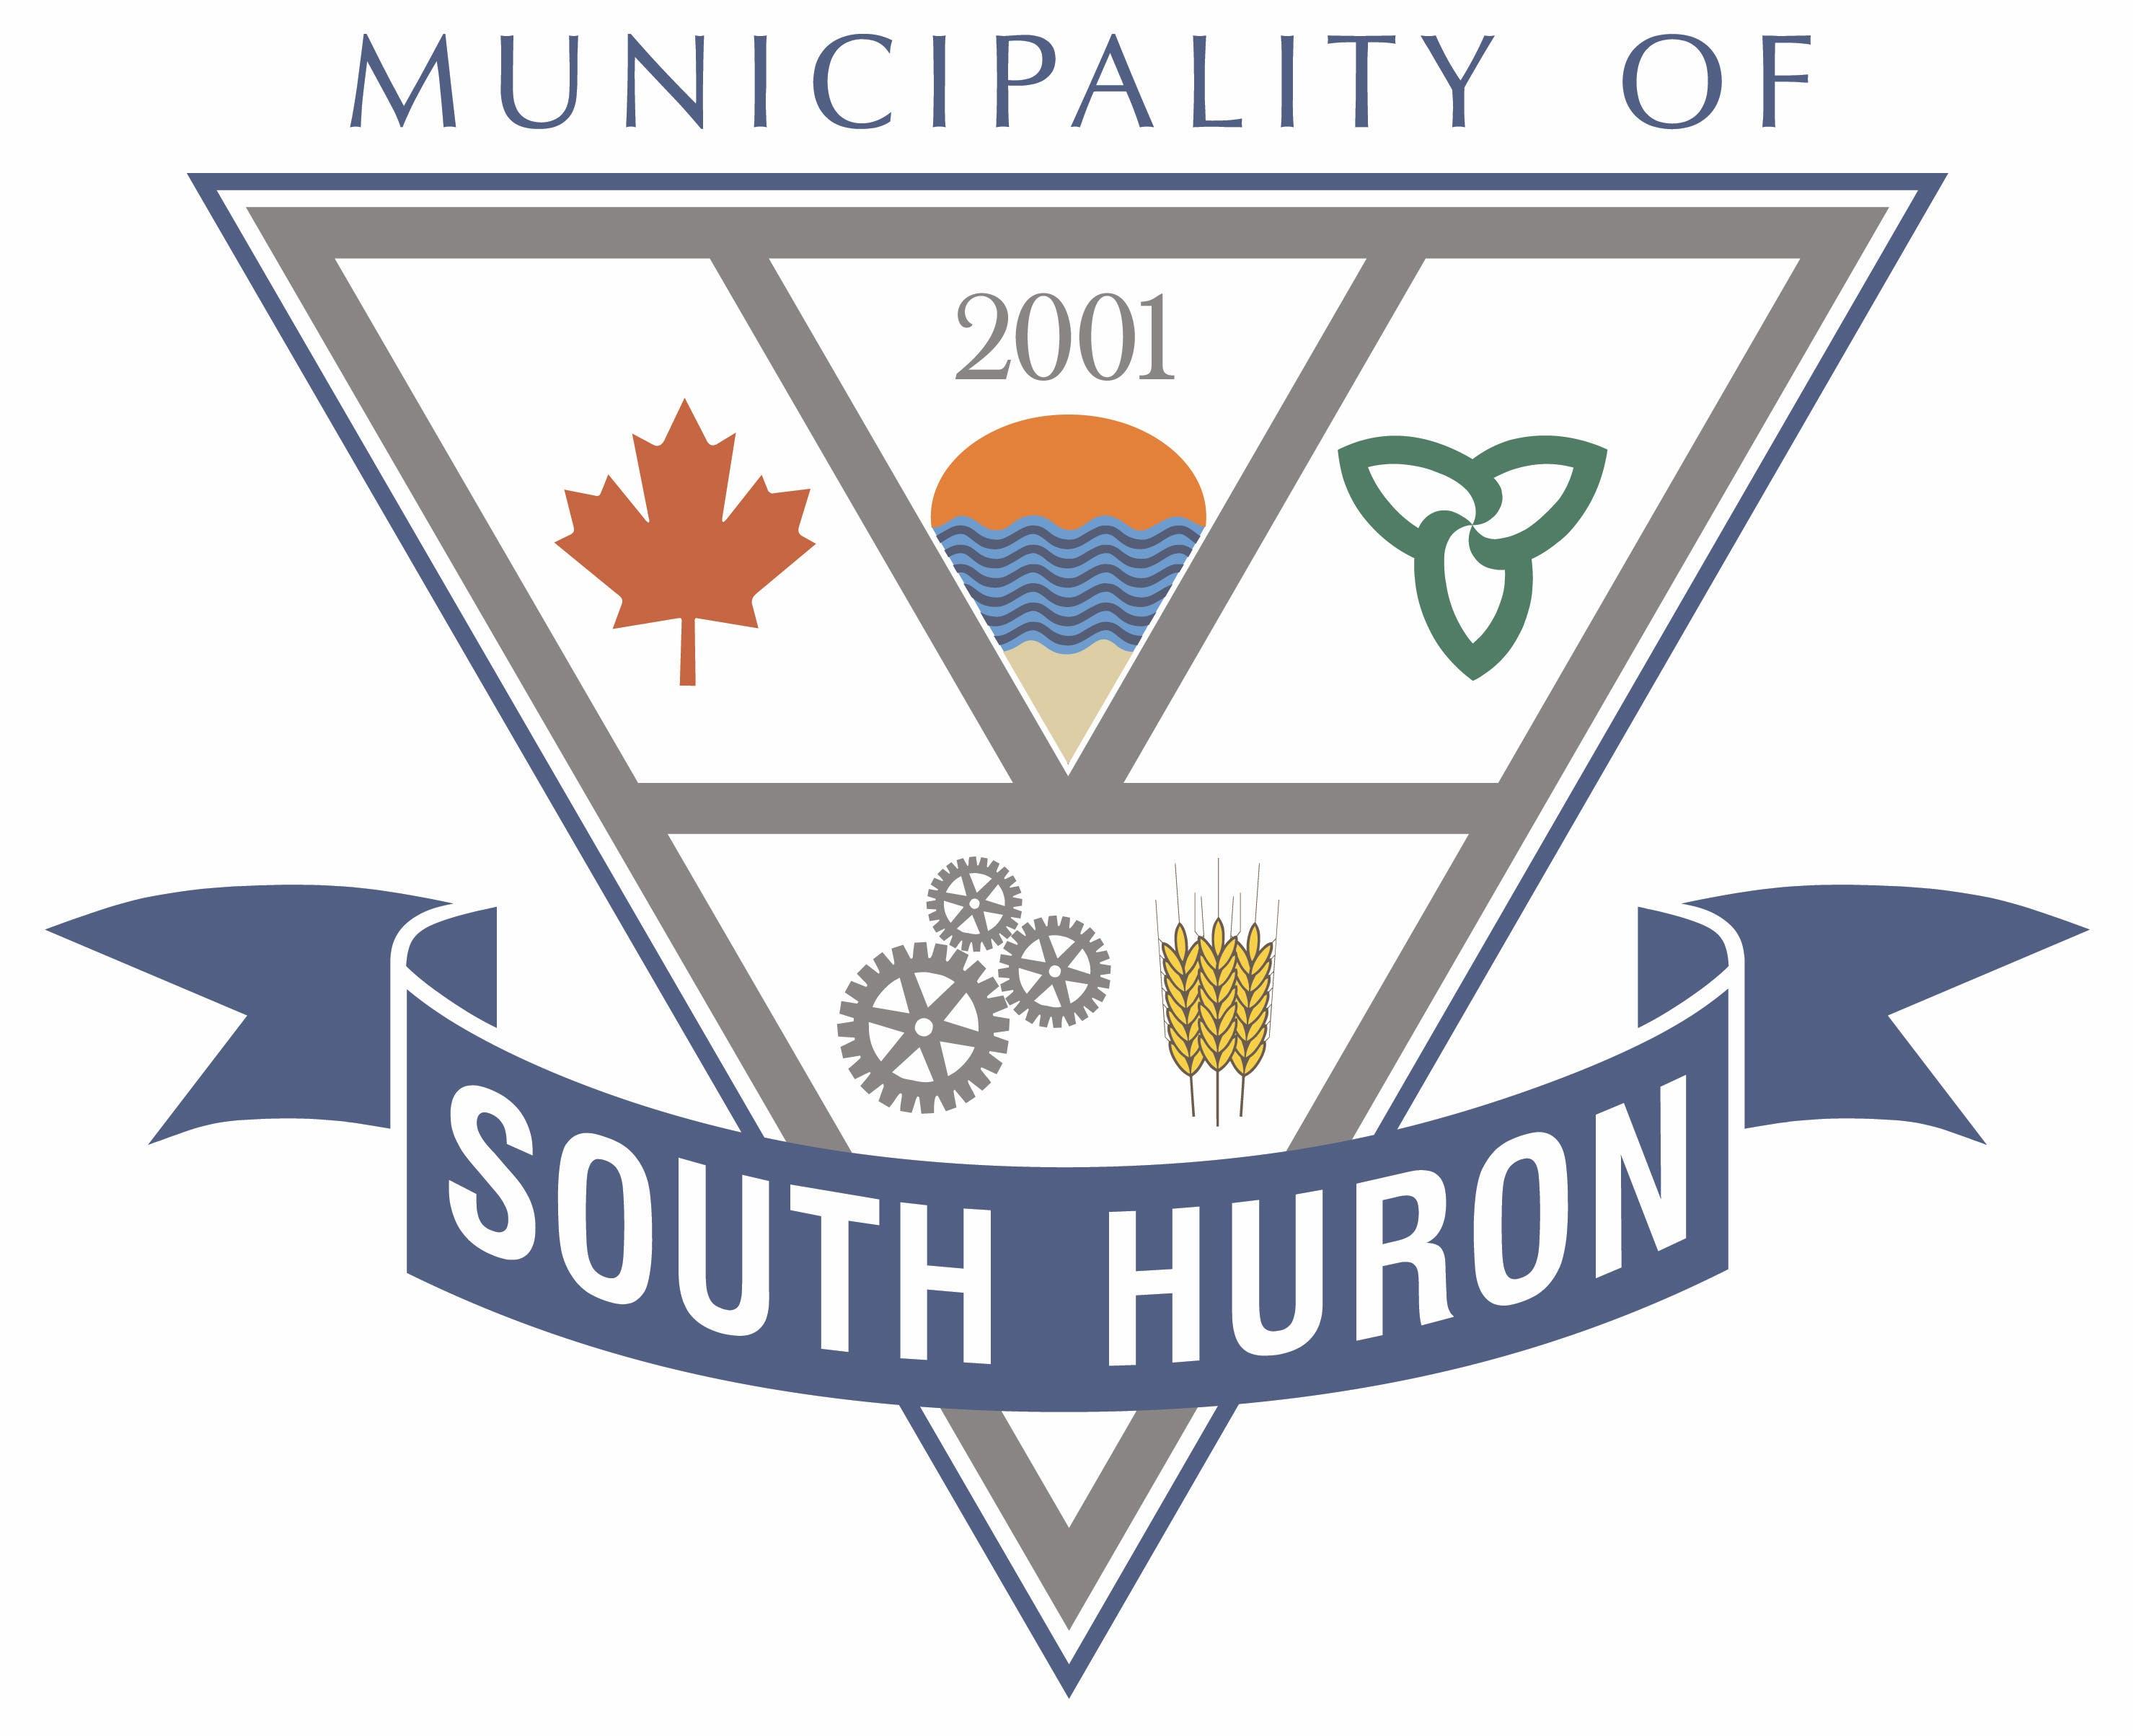 My South Huron